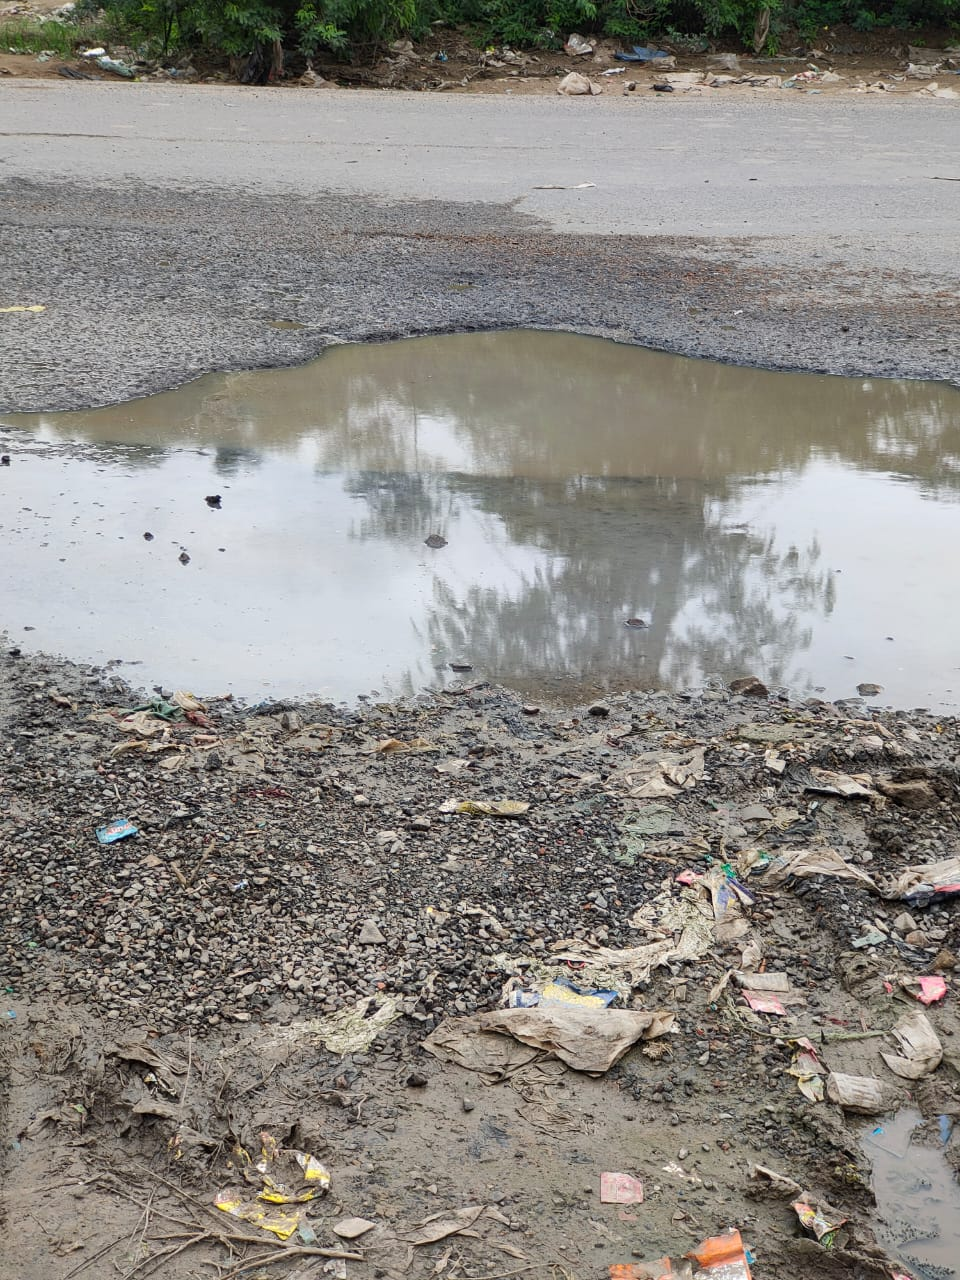 दिल्ली अलवर राष्ट्रीय राजमार्ग पर गड्ढे होने की वजह से बढ़ रही दुर्घटना; नूंह जिले के ग्रामीण व राहगीर हो रहे हैं परेशान|गुड़गांव,Gurgaon - Dainik Bhaskar